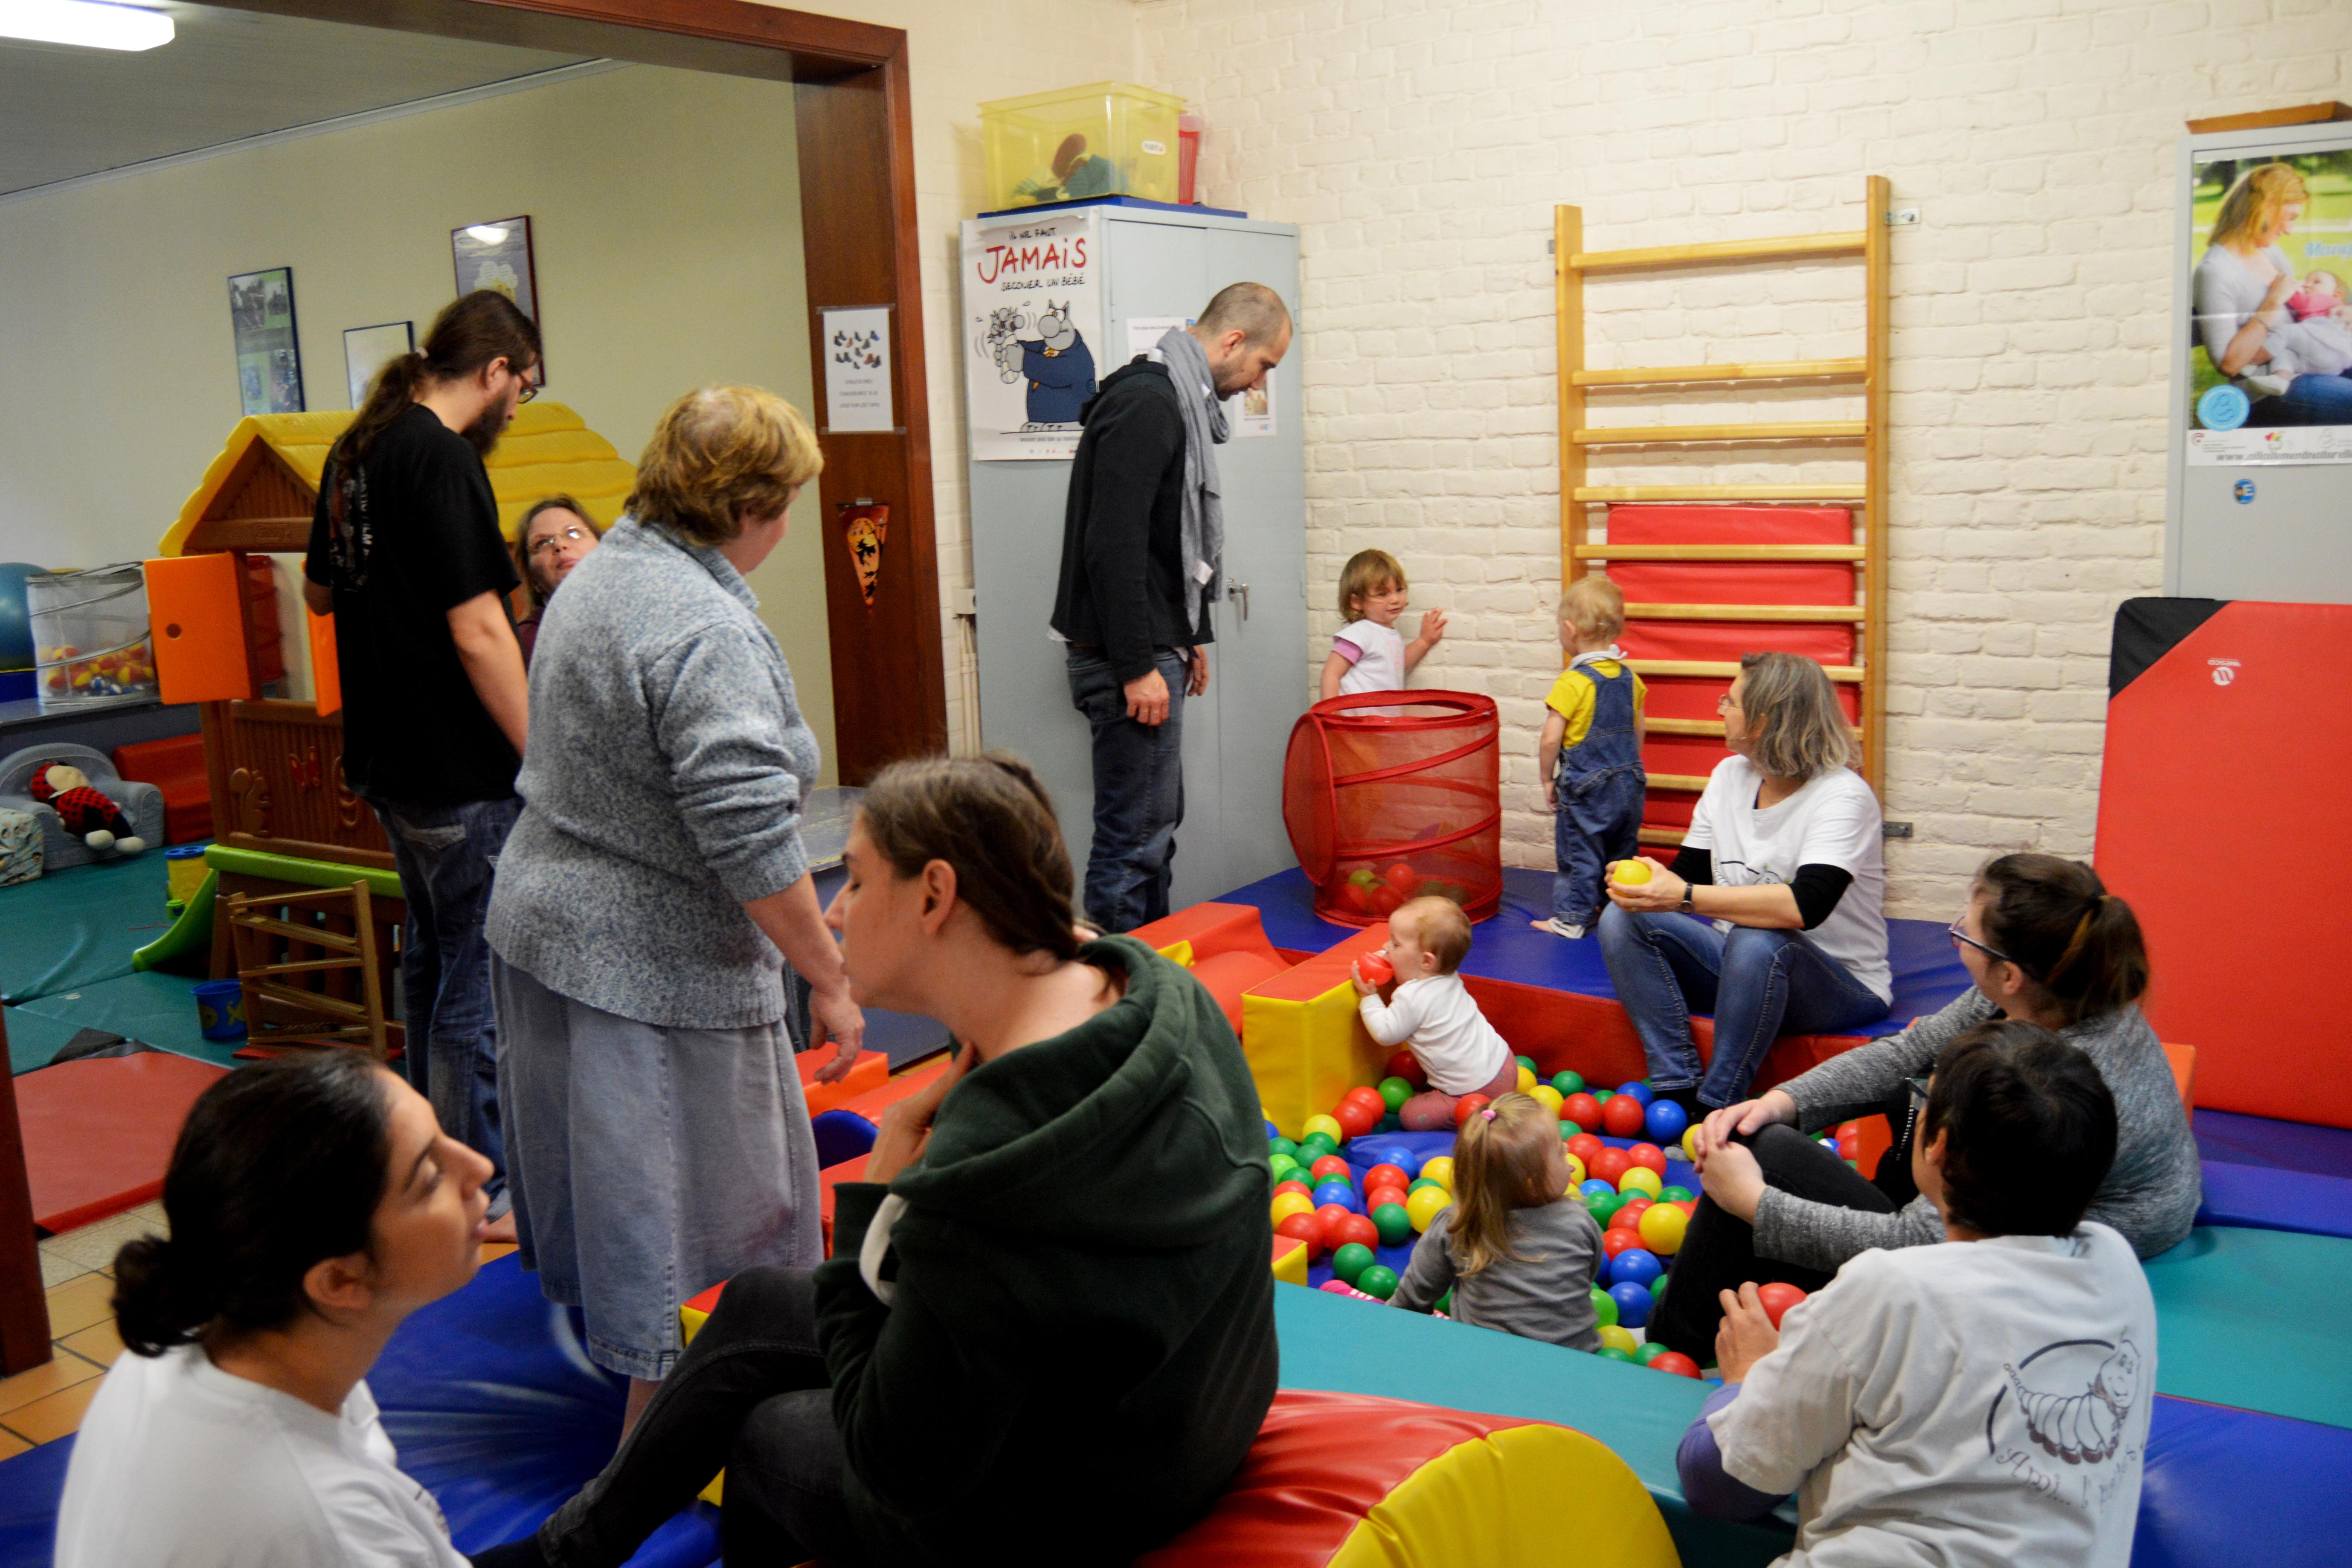 Les parents, les enfants et les bénévoles réunis dans la même pièce. Bien souvent assis.